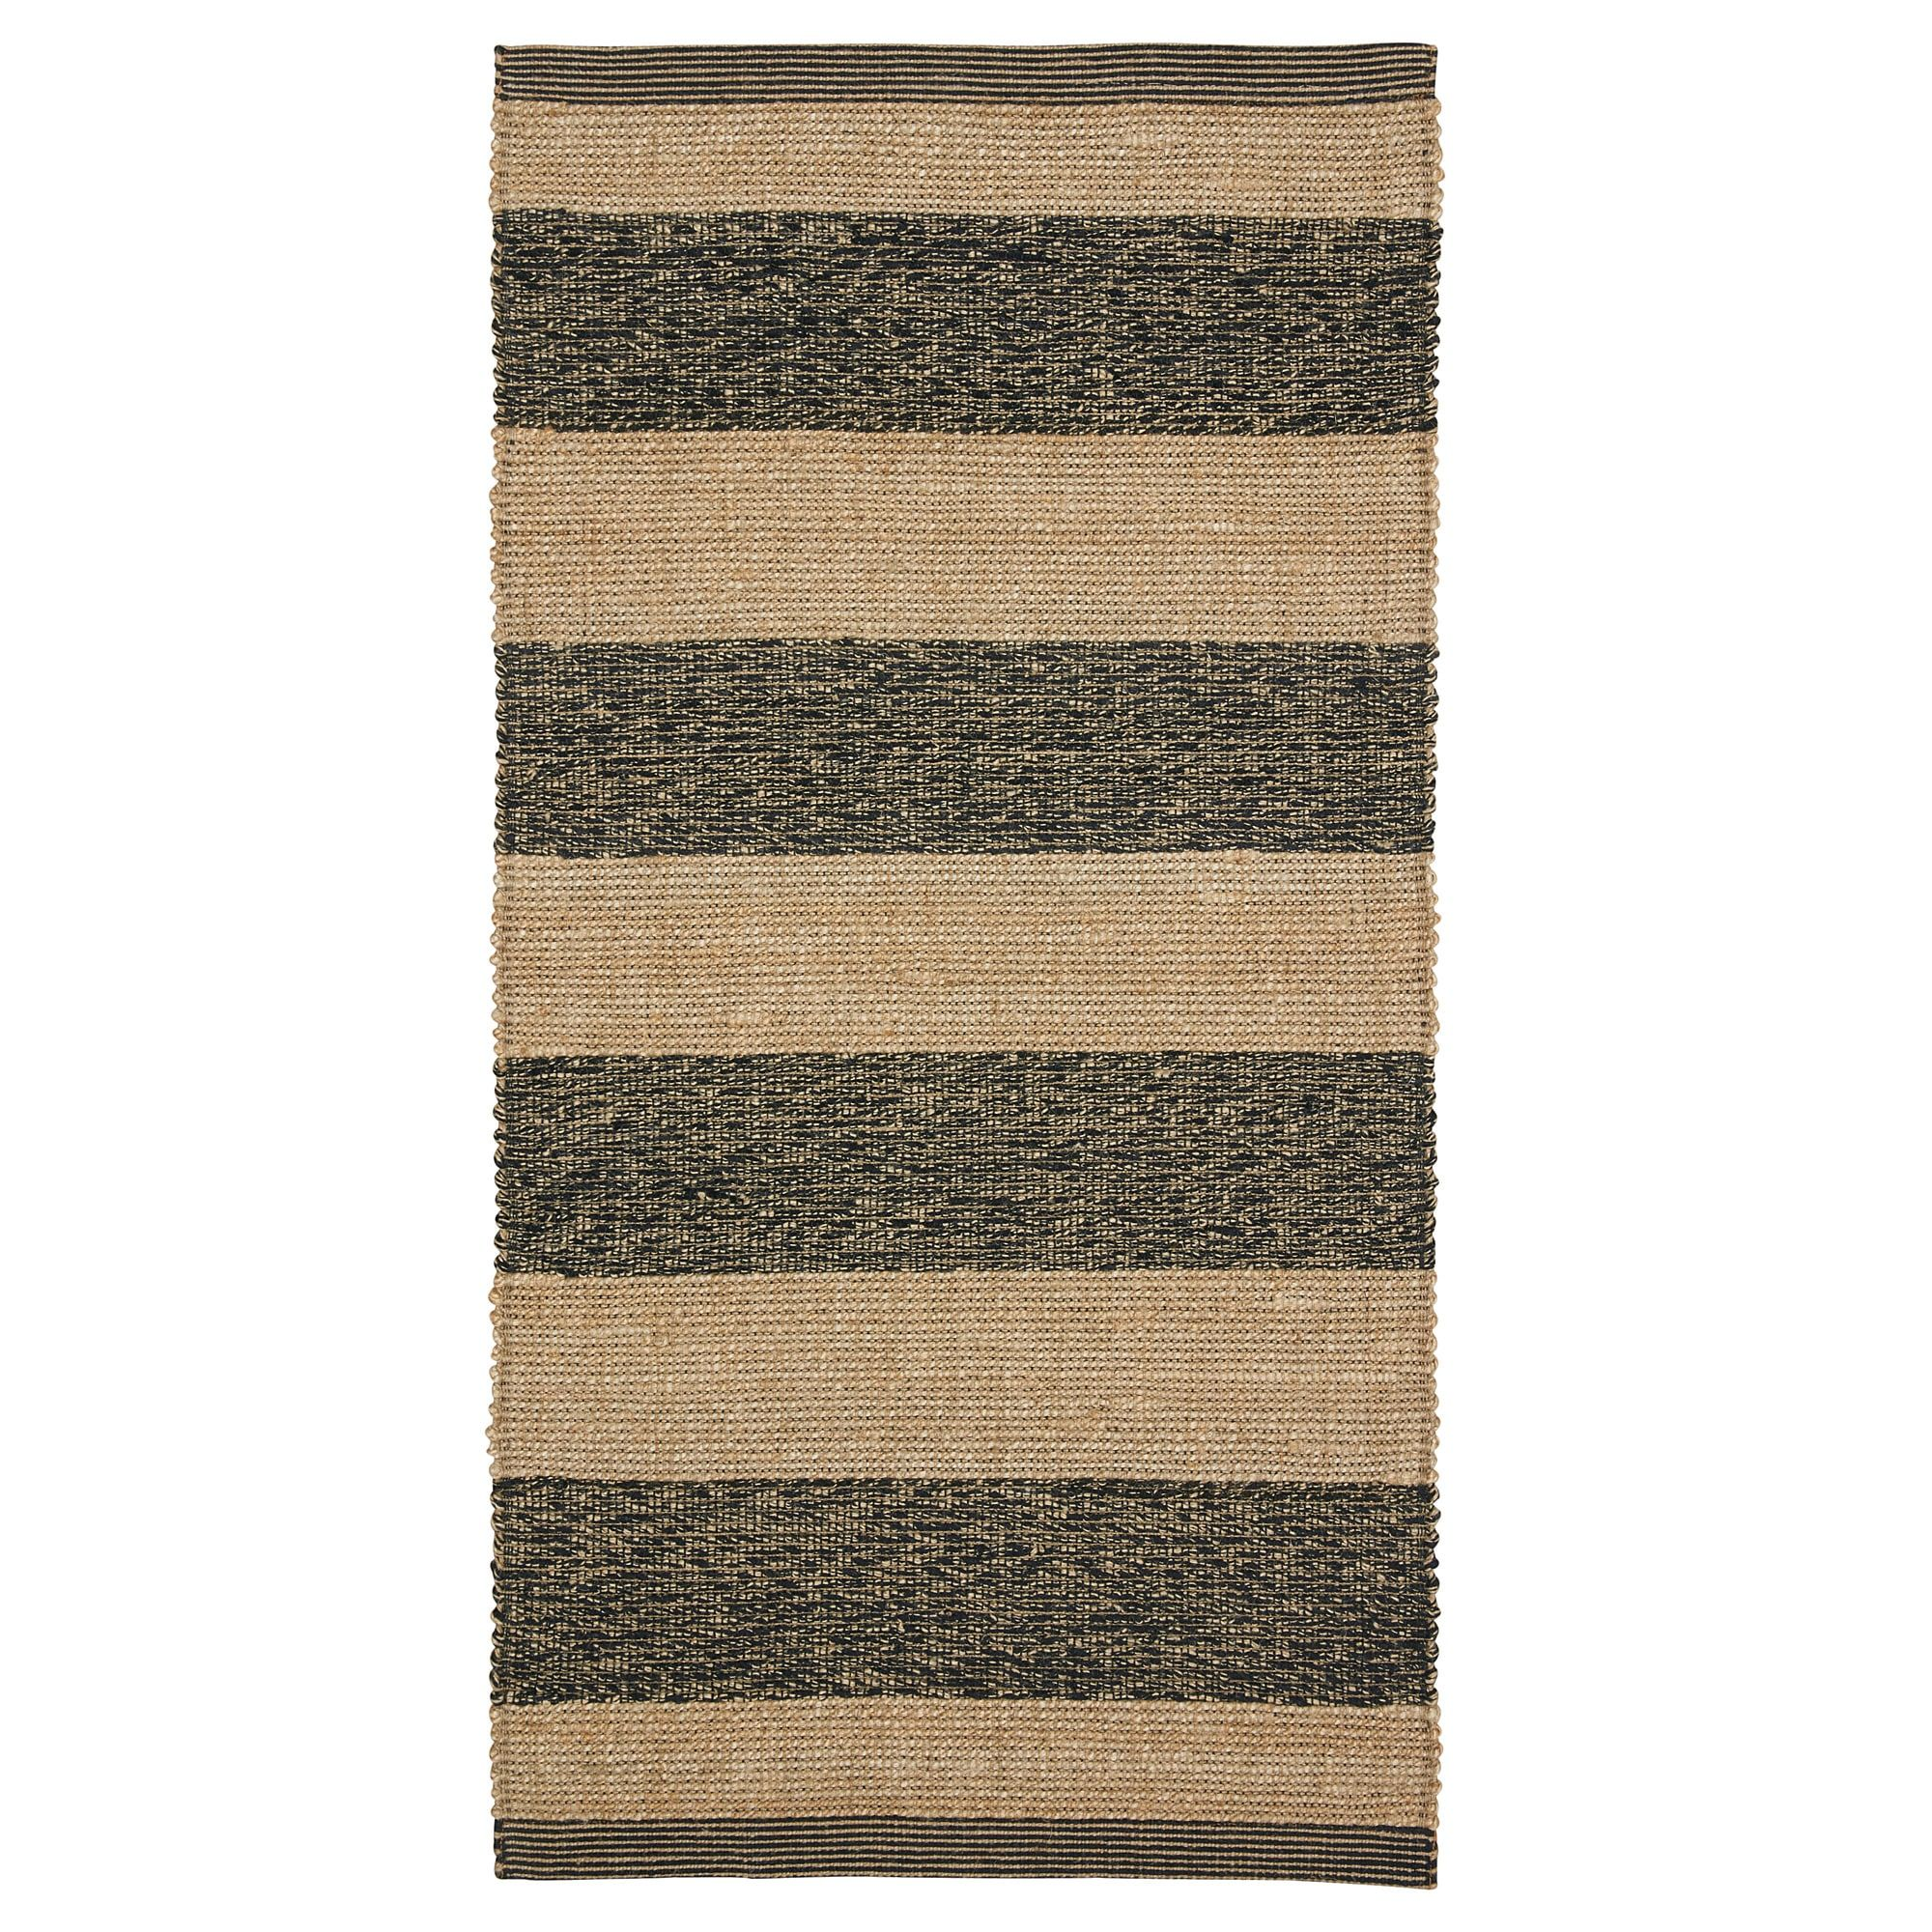 Ugilt Rug Flatwoven Black Beige Gray Beige 31 1 2x59 Rugs Rugs On Carpet Grey Beige